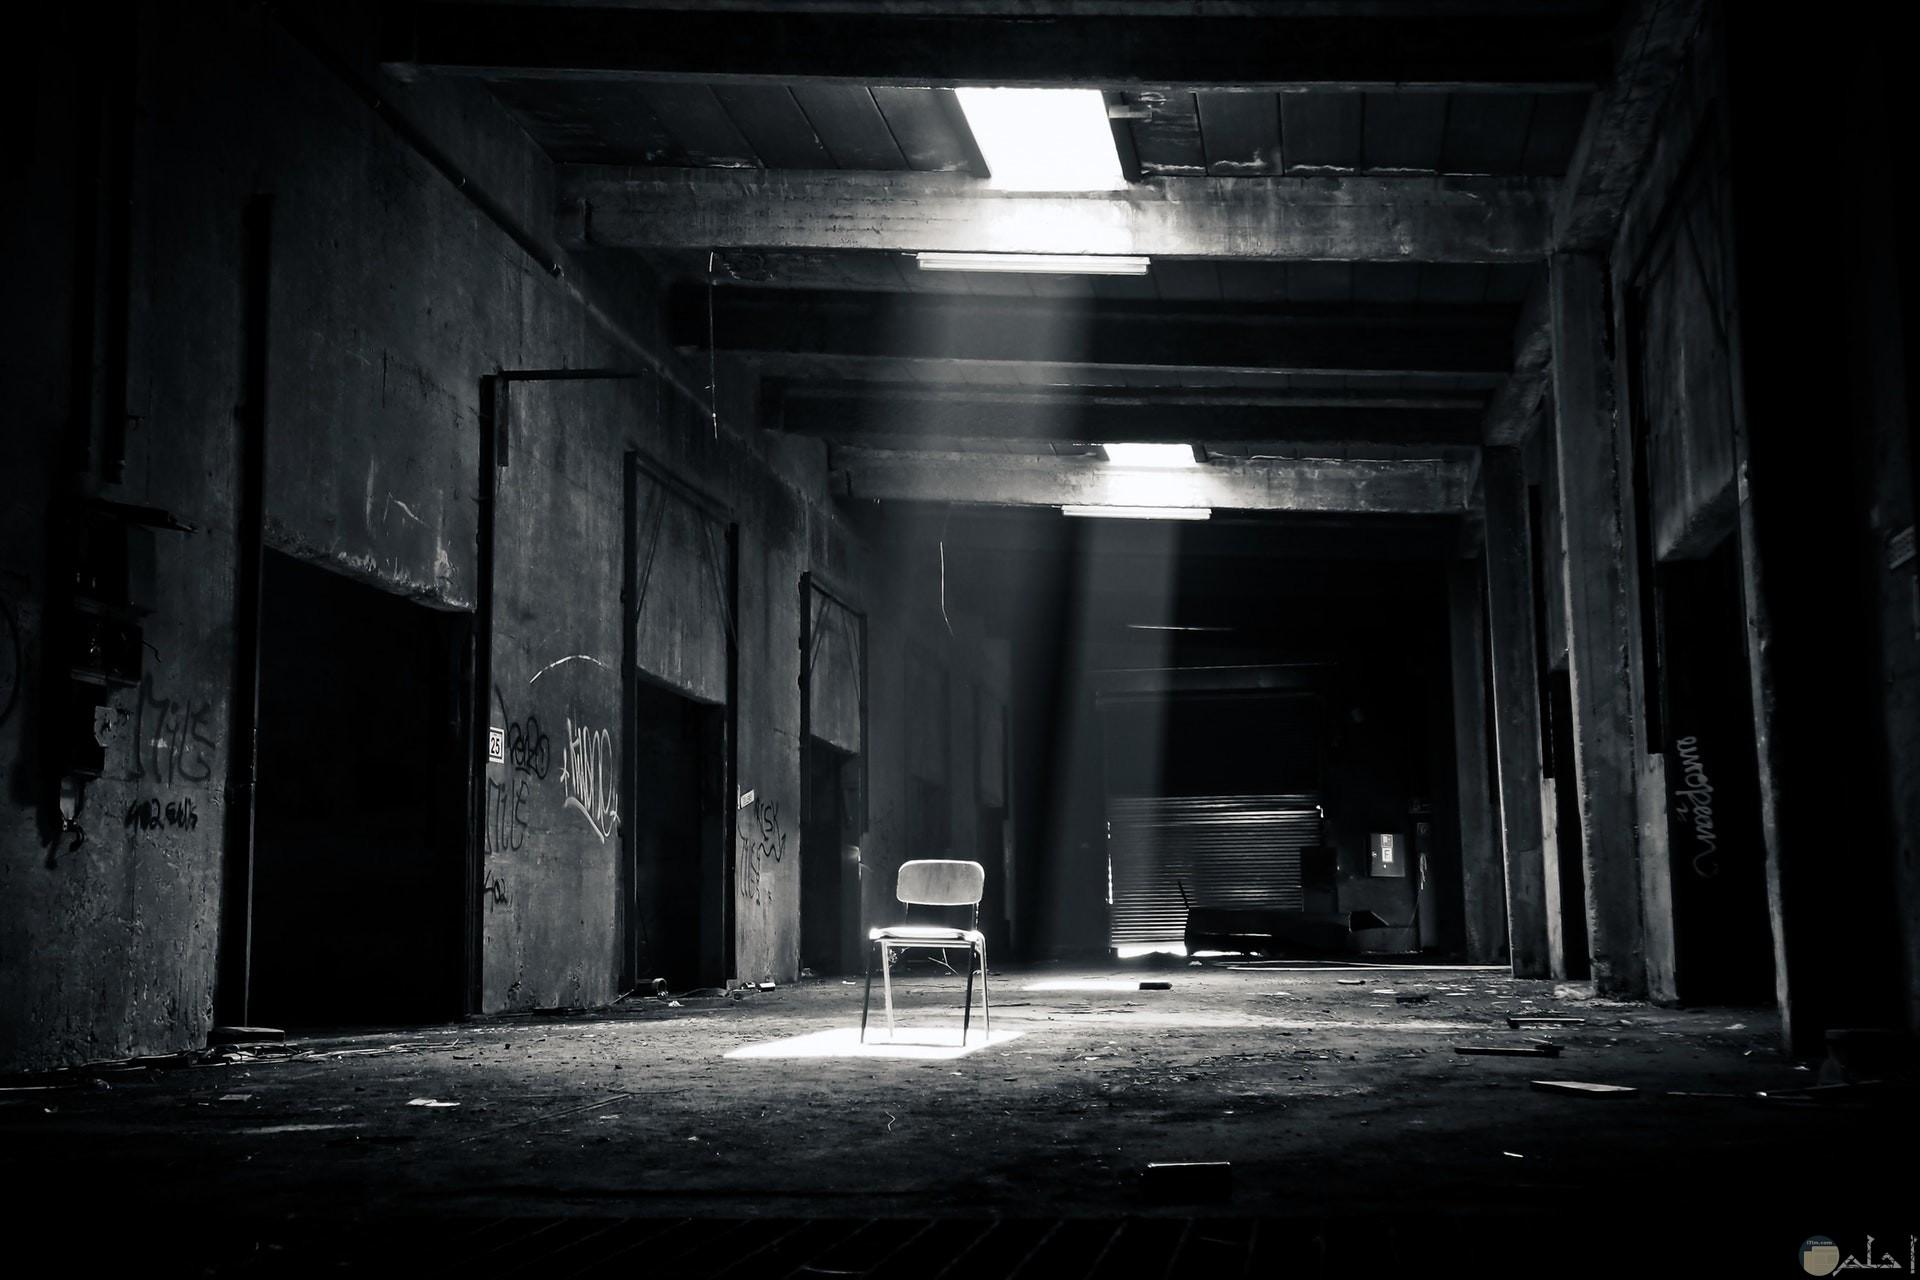 صورة أبيض وأسود لكرسي في مكان مهجور